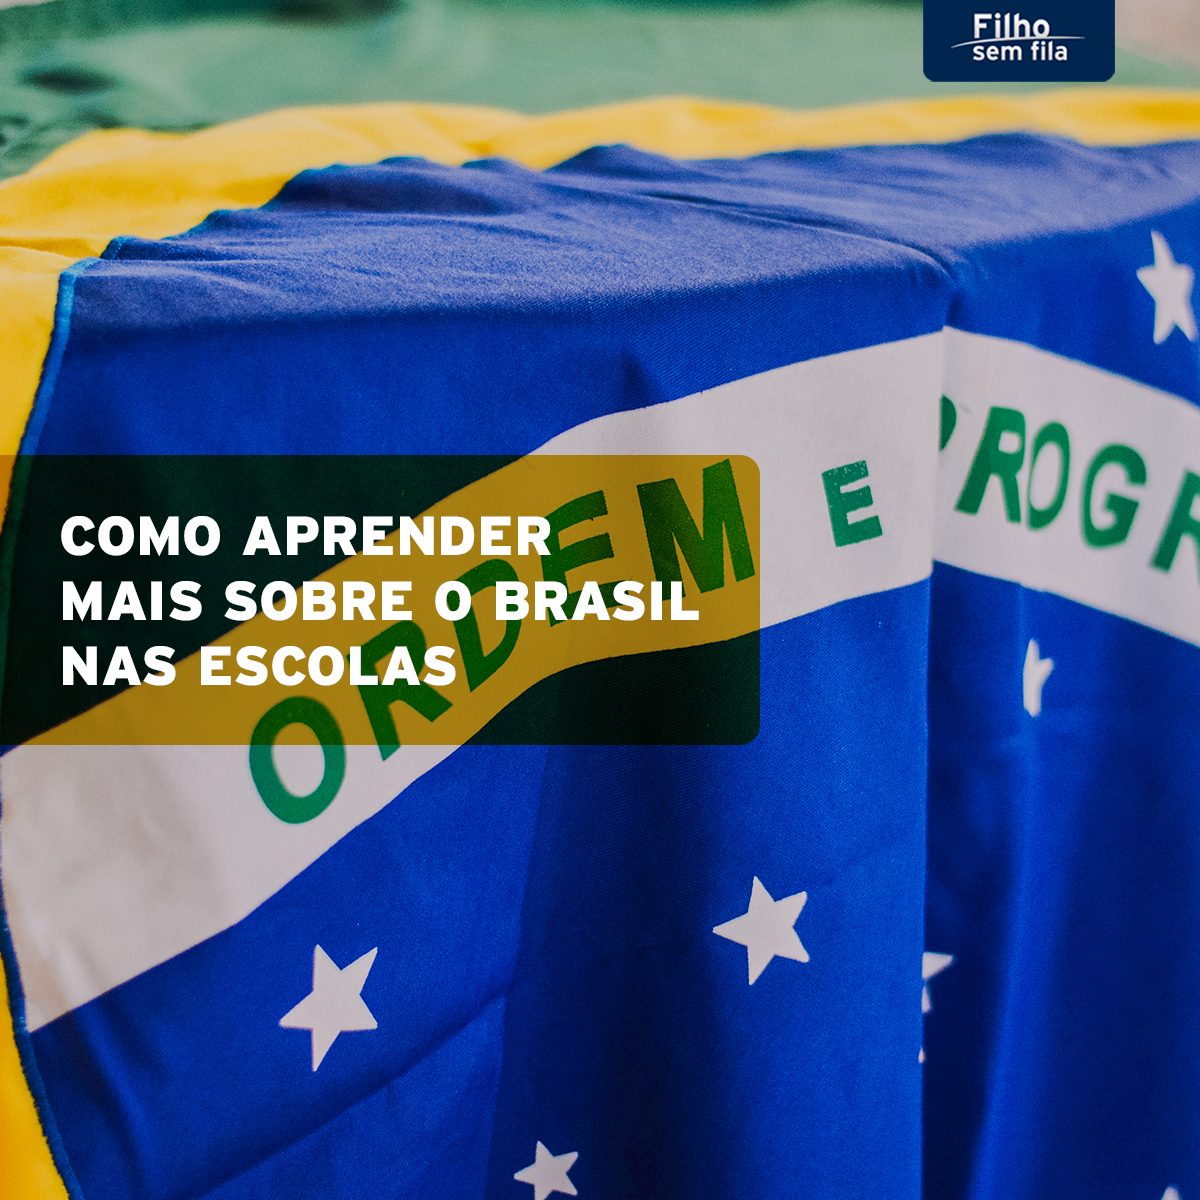 Aprender sobre o Brasil